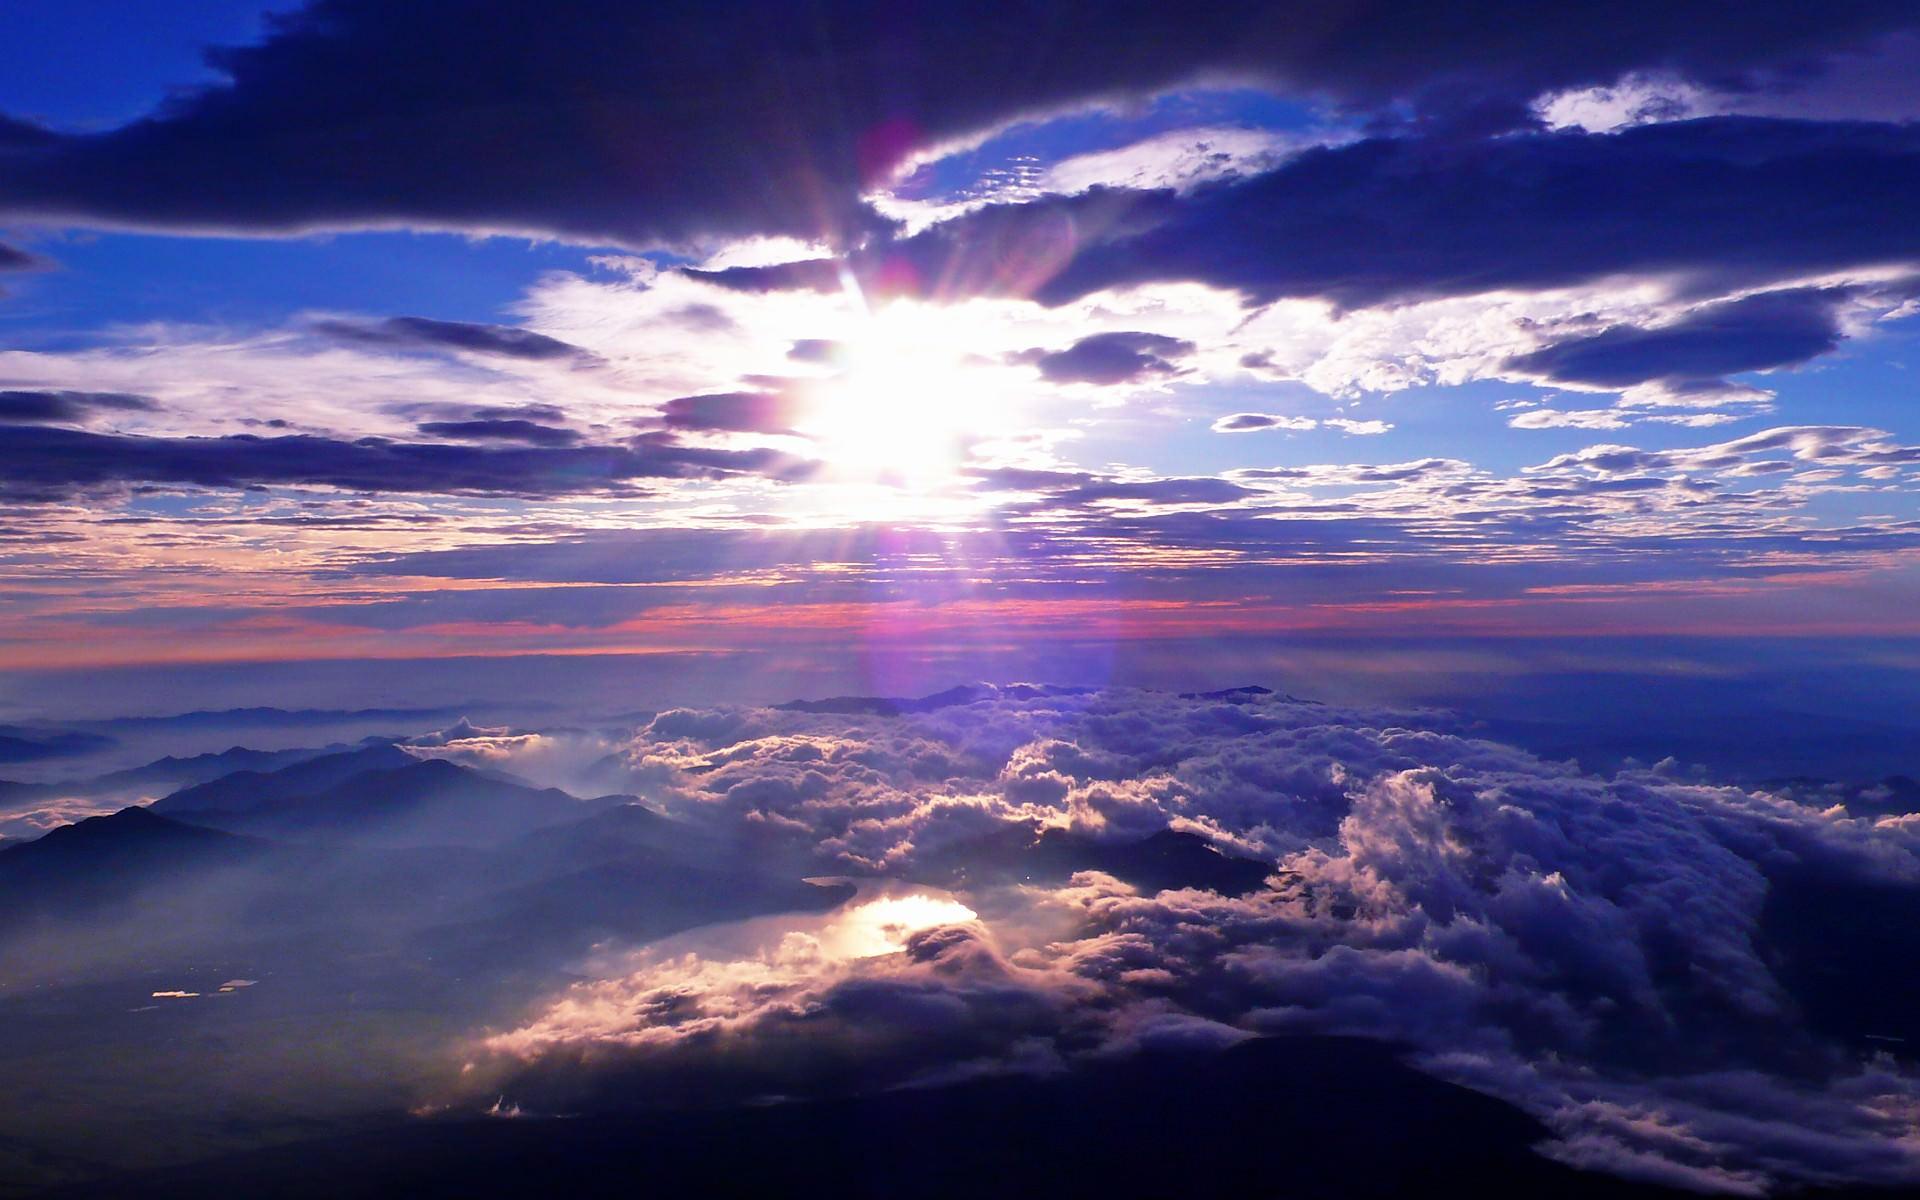 空 雲の壁紙 19 10 1 スマホ Pc用壁紙 Wallpaper Box